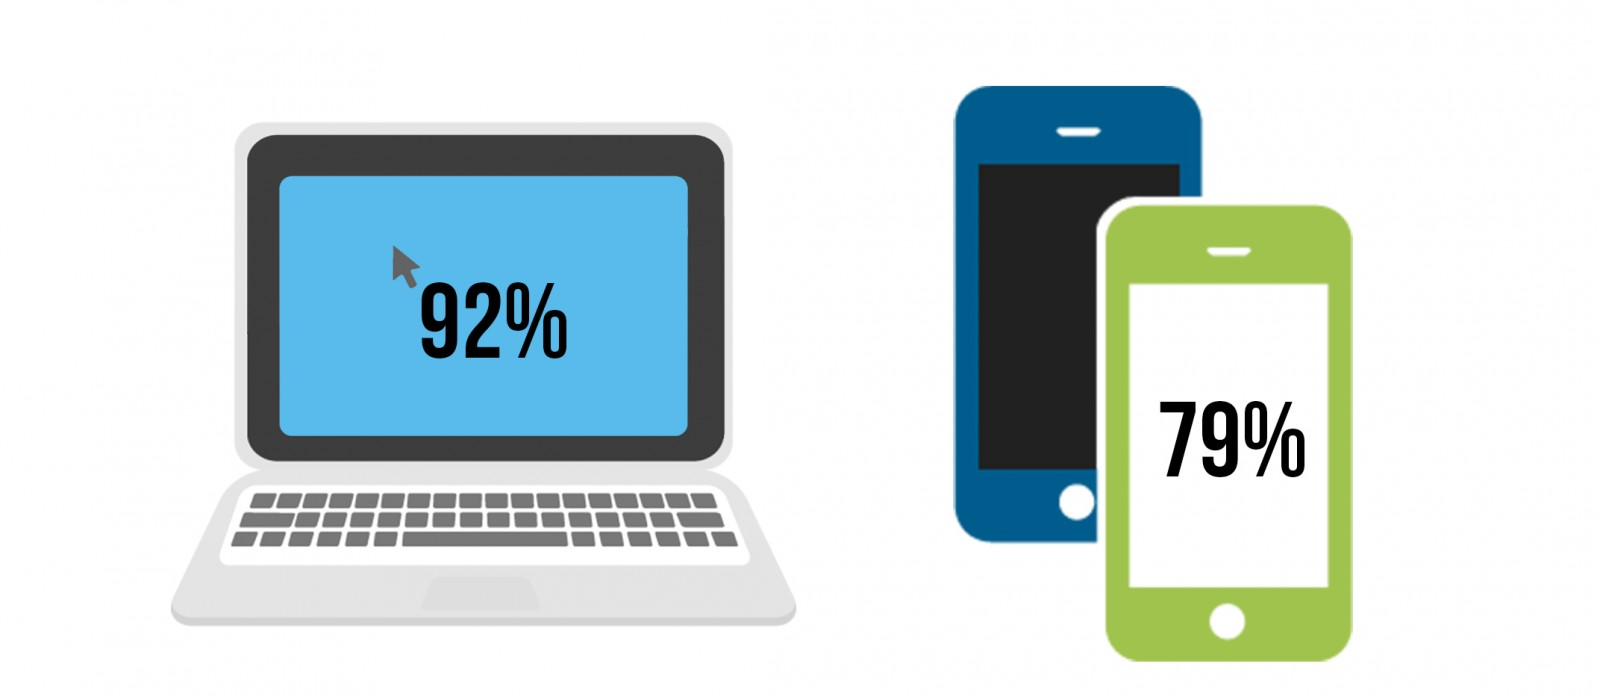 Computer and Smartphones